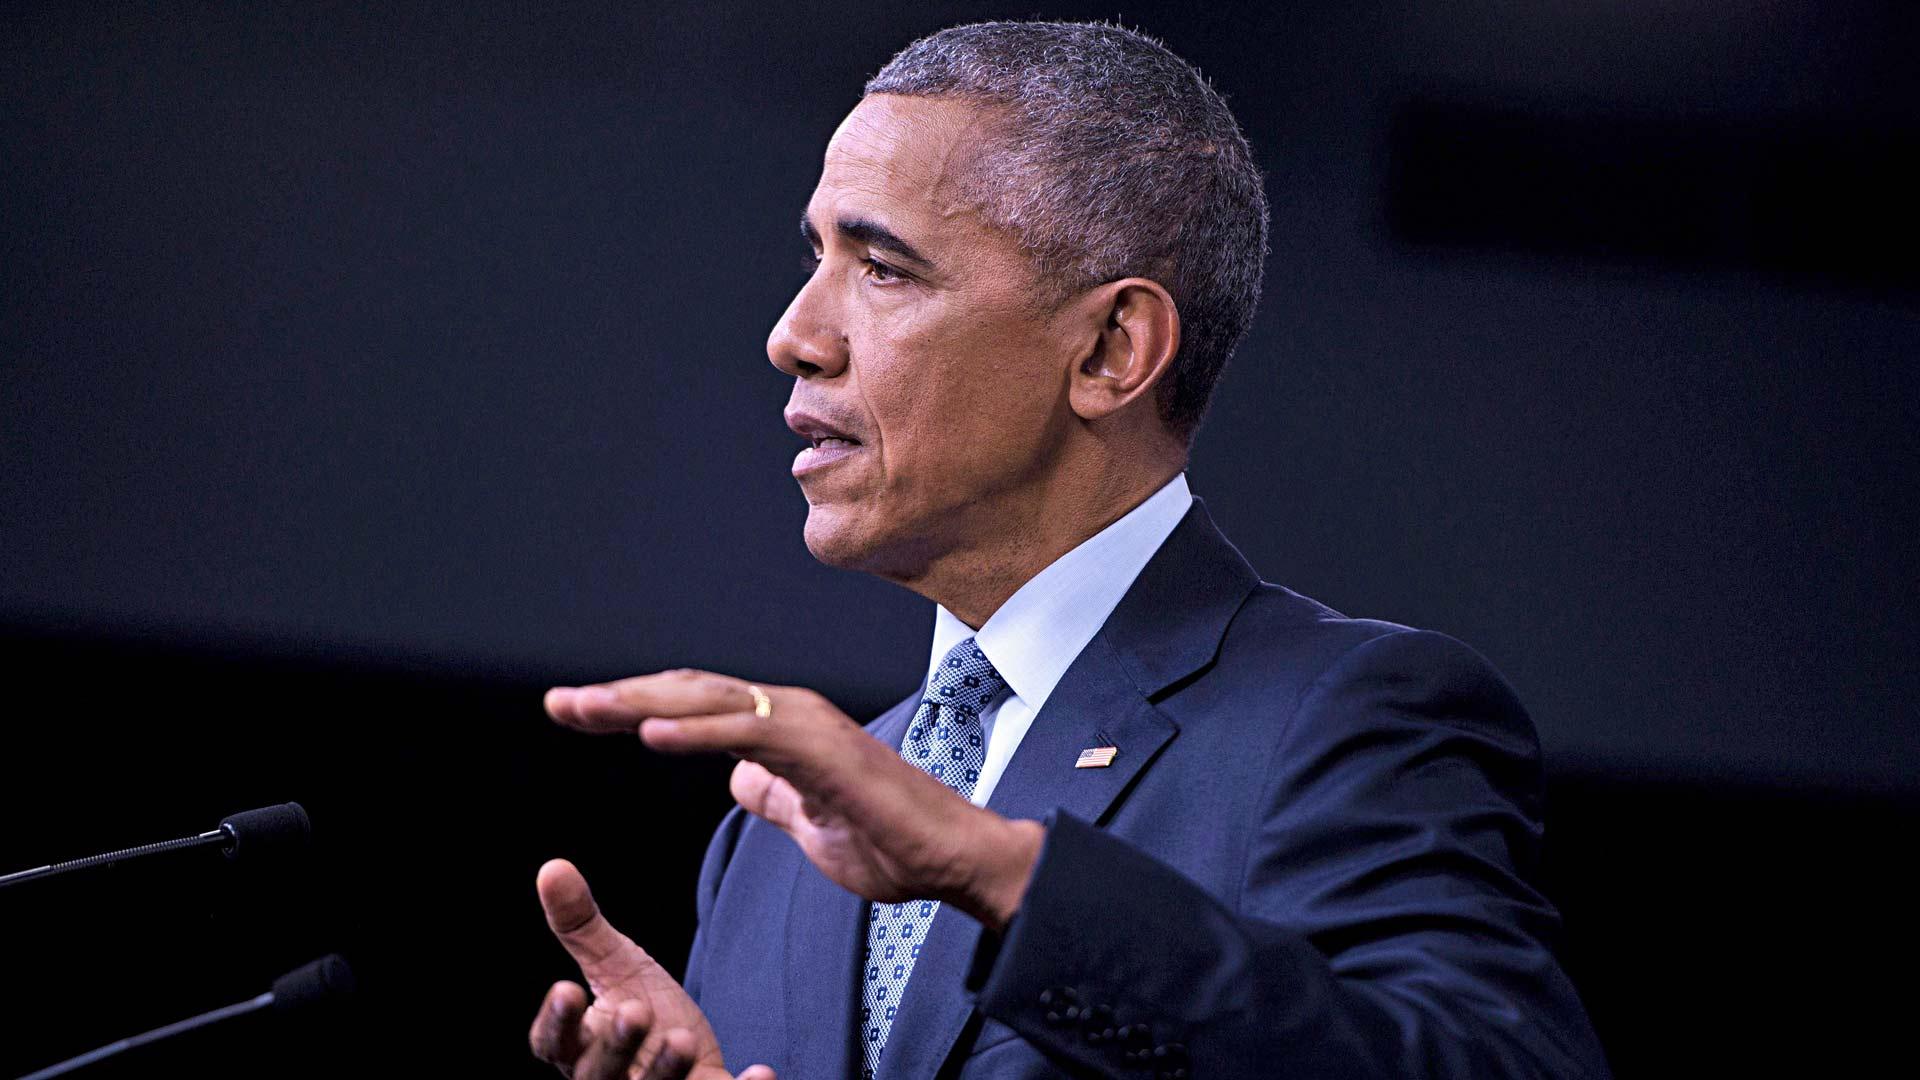 Yhdysvaltain ex-presidentti Barack Obama teetti puheitaan ammattilaisilla, vaikka oli itsekin taitava sanankäyttäjä.